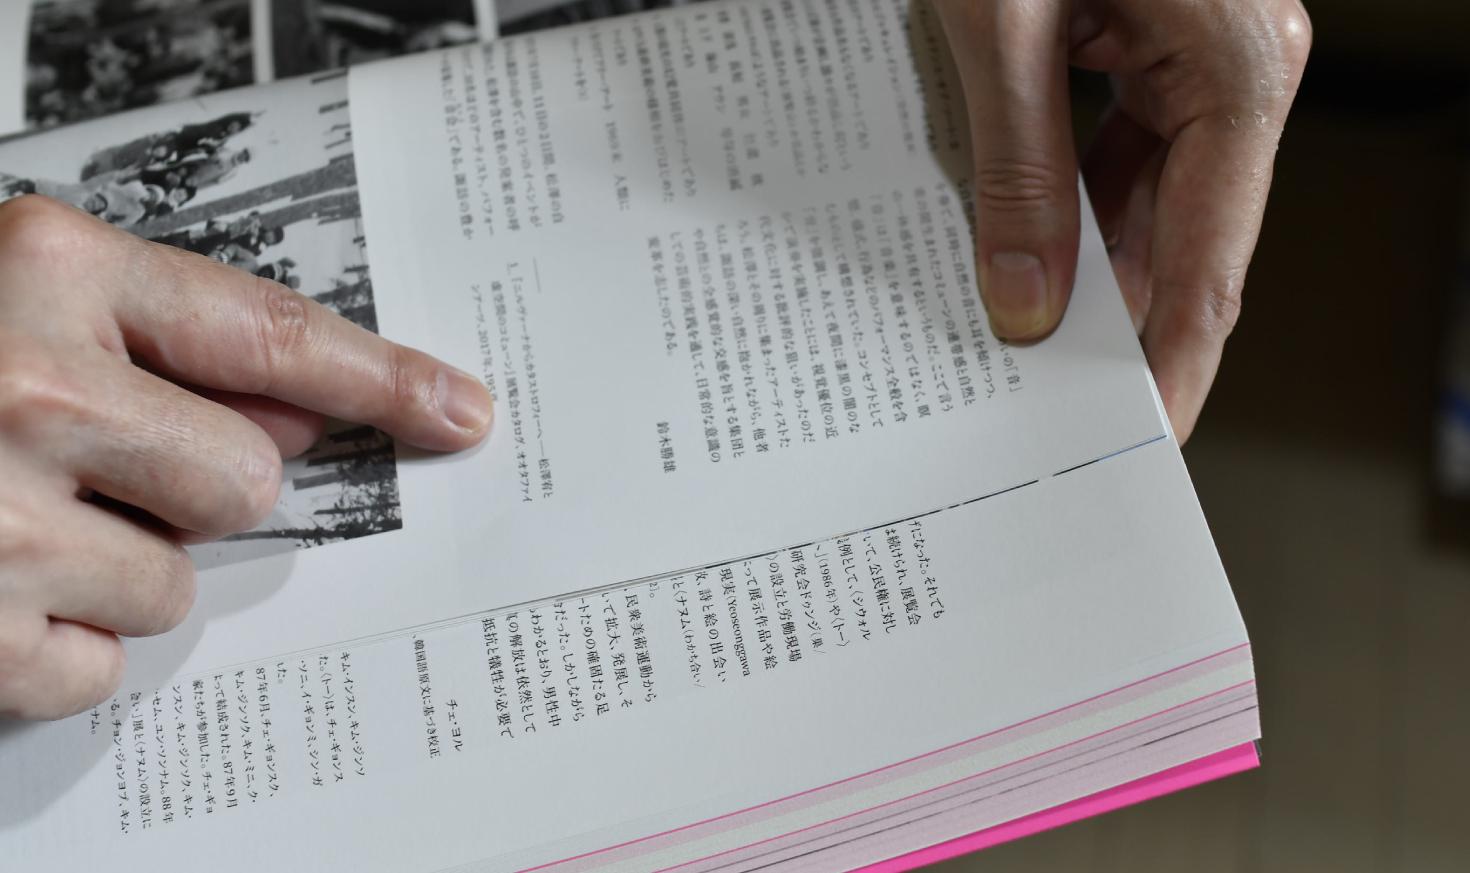 若手クリエイターを訪ねて | vol.2 木村稔将  感性と理論の両面を磨き上げる